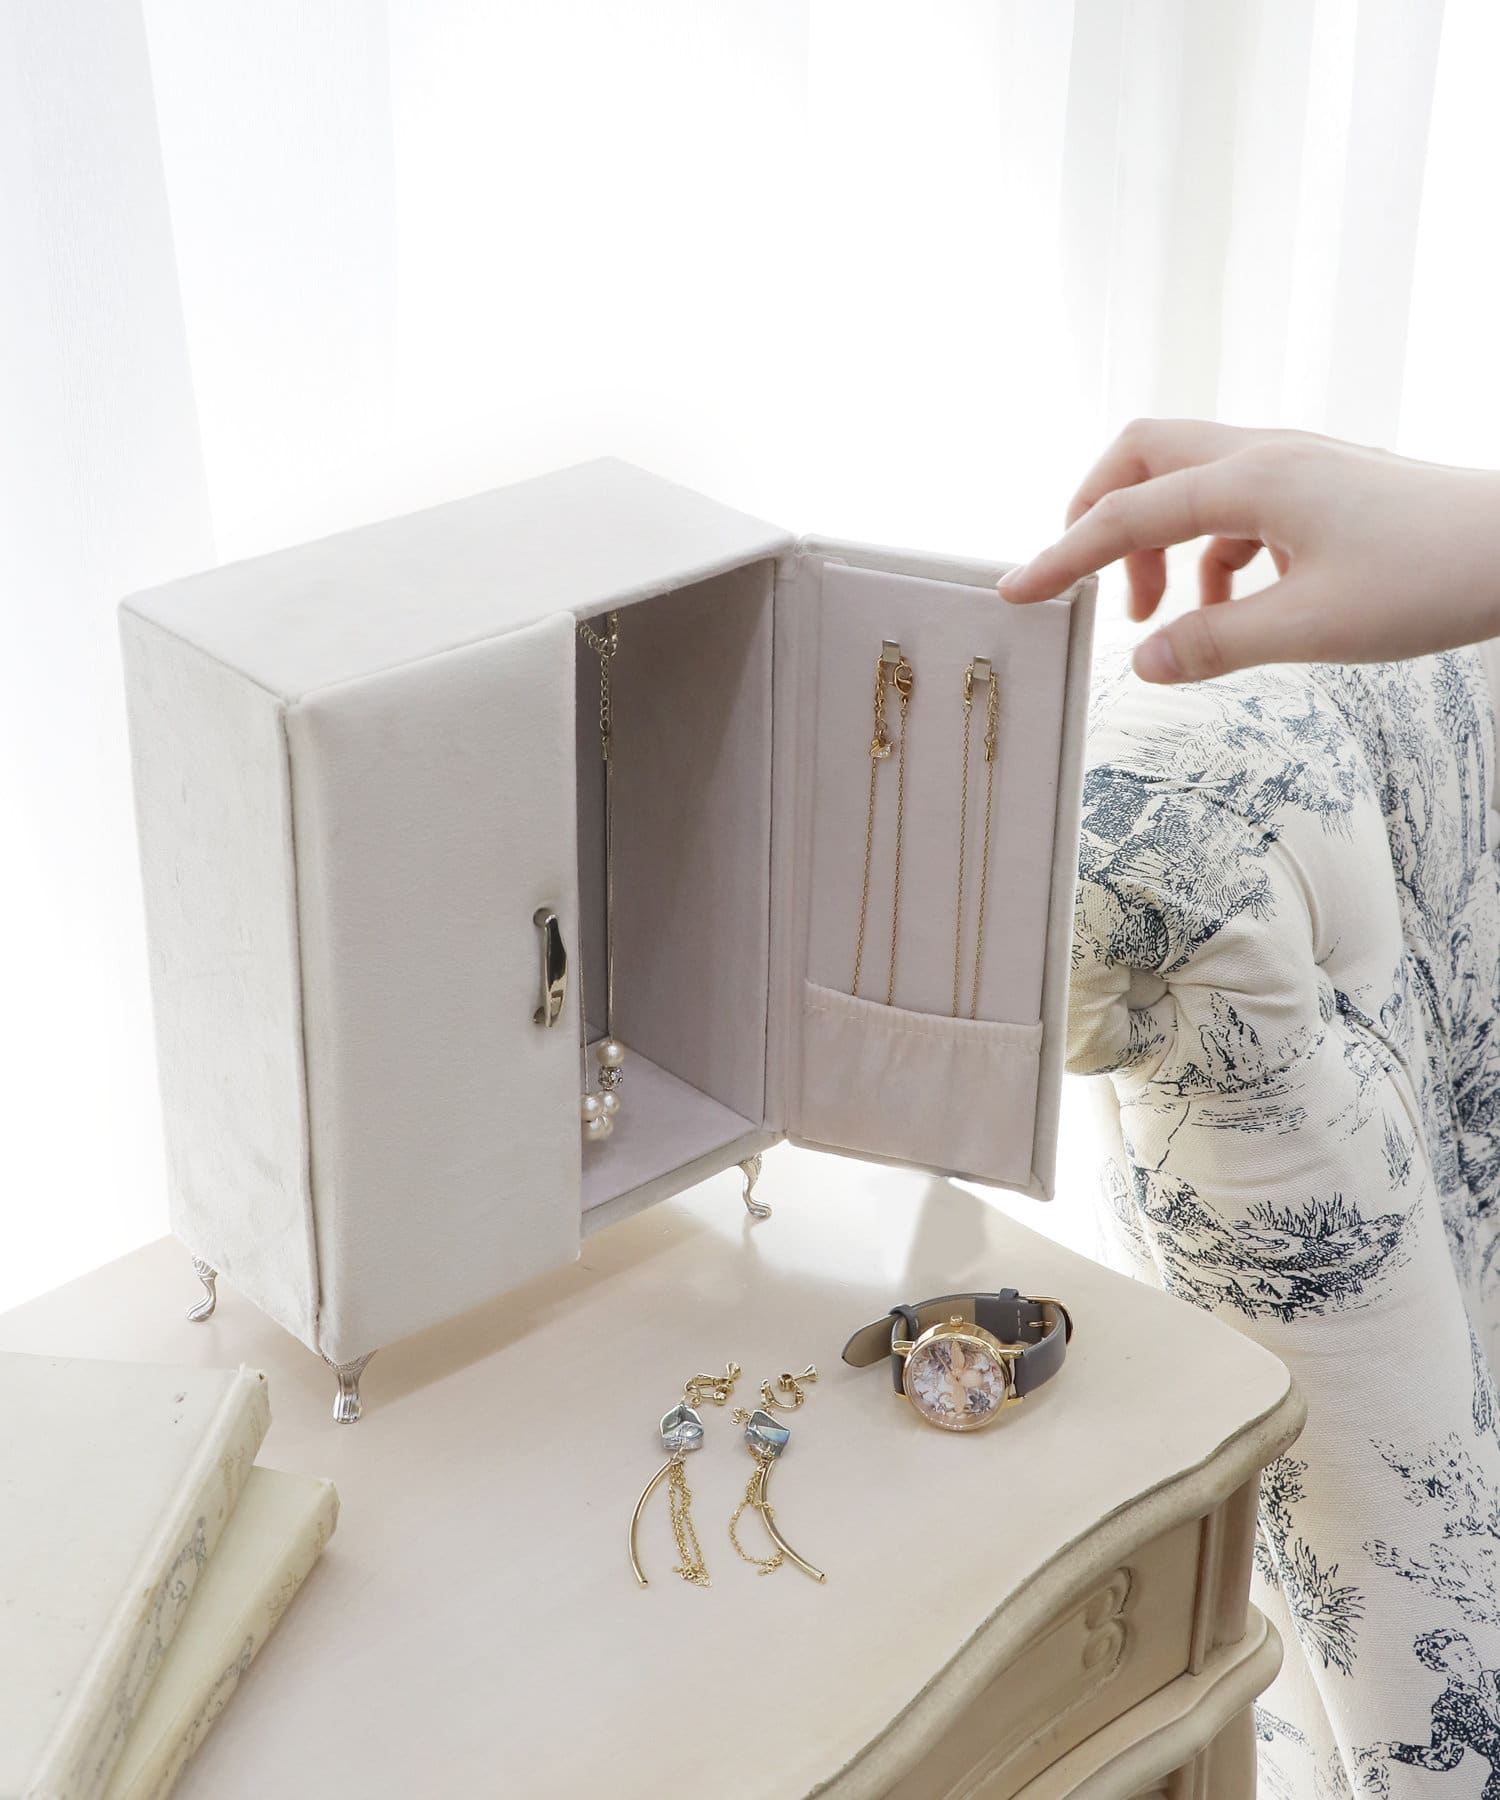 ASOKO(アソコ) 【動画あり】【WEB限定】家具風クローゼットジュエリーBOX